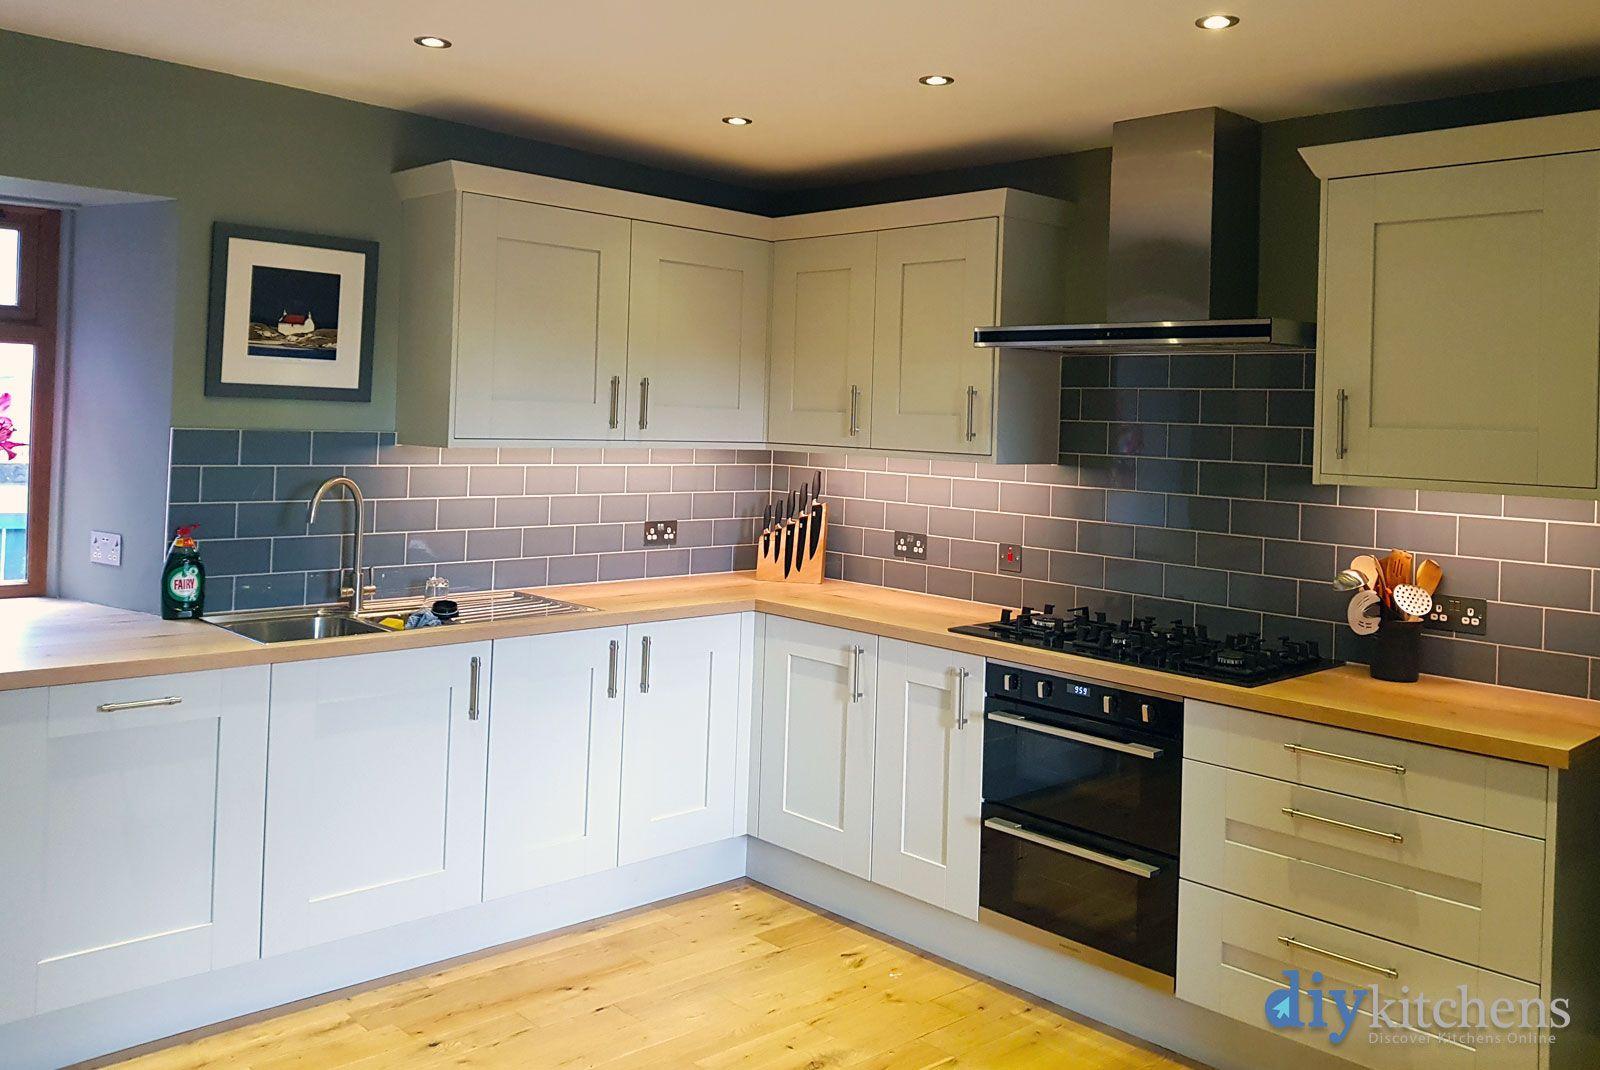 An Malton Dove Grey Oak Effect Shaker Kitchen Cheap